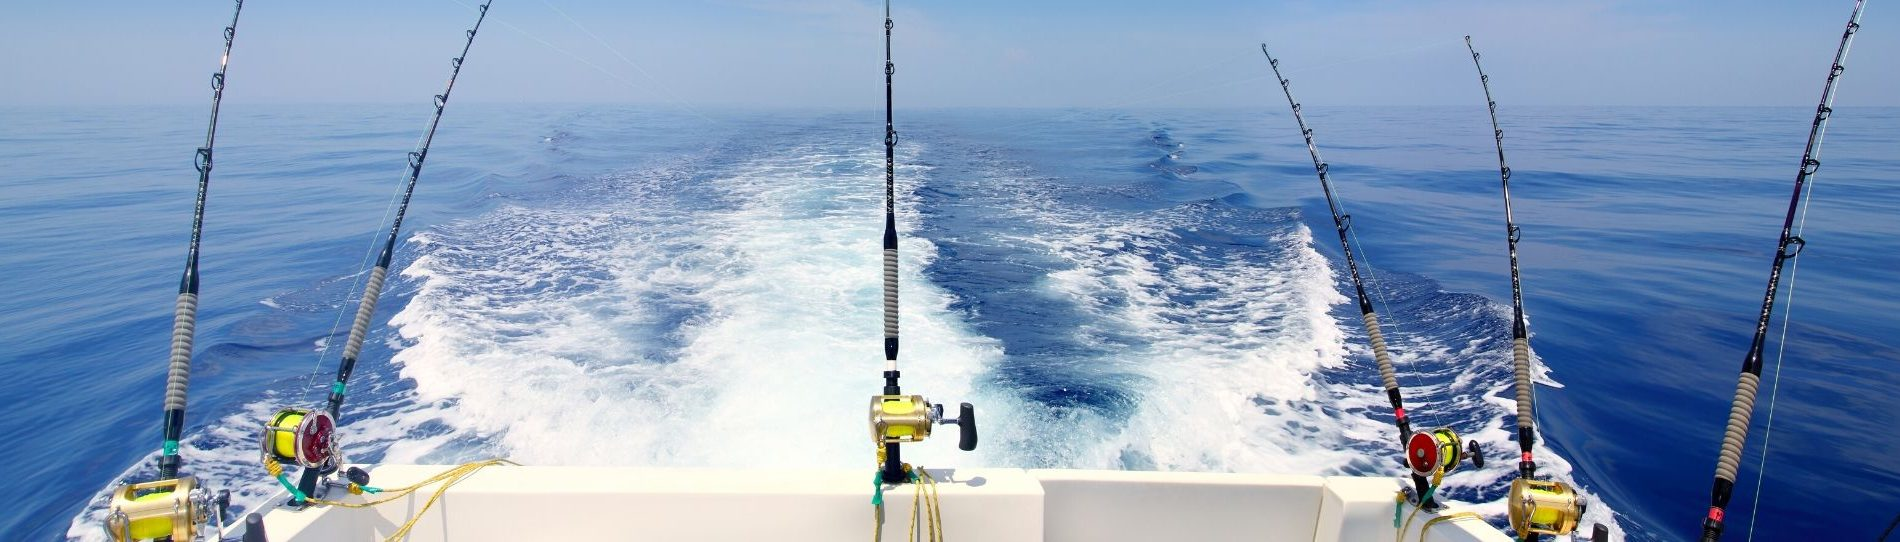 fishing trip tauranga